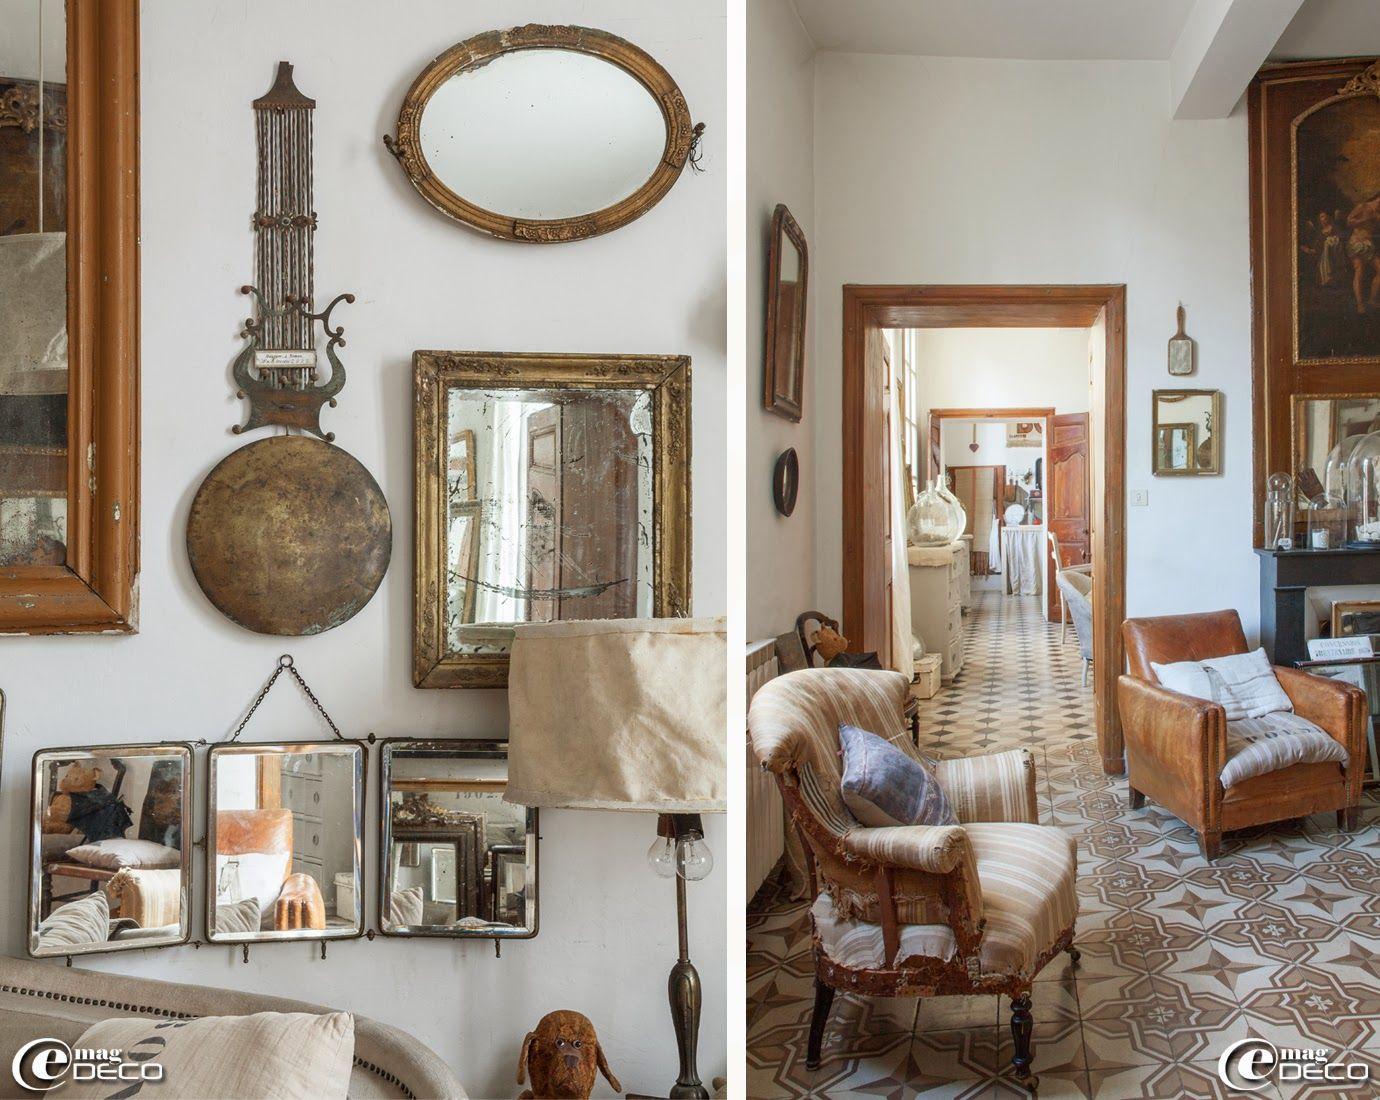 pour d corer le mur d 39 un salon miroir triptyque de voyage. Black Bedroom Furniture Sets. Home Design Ideas